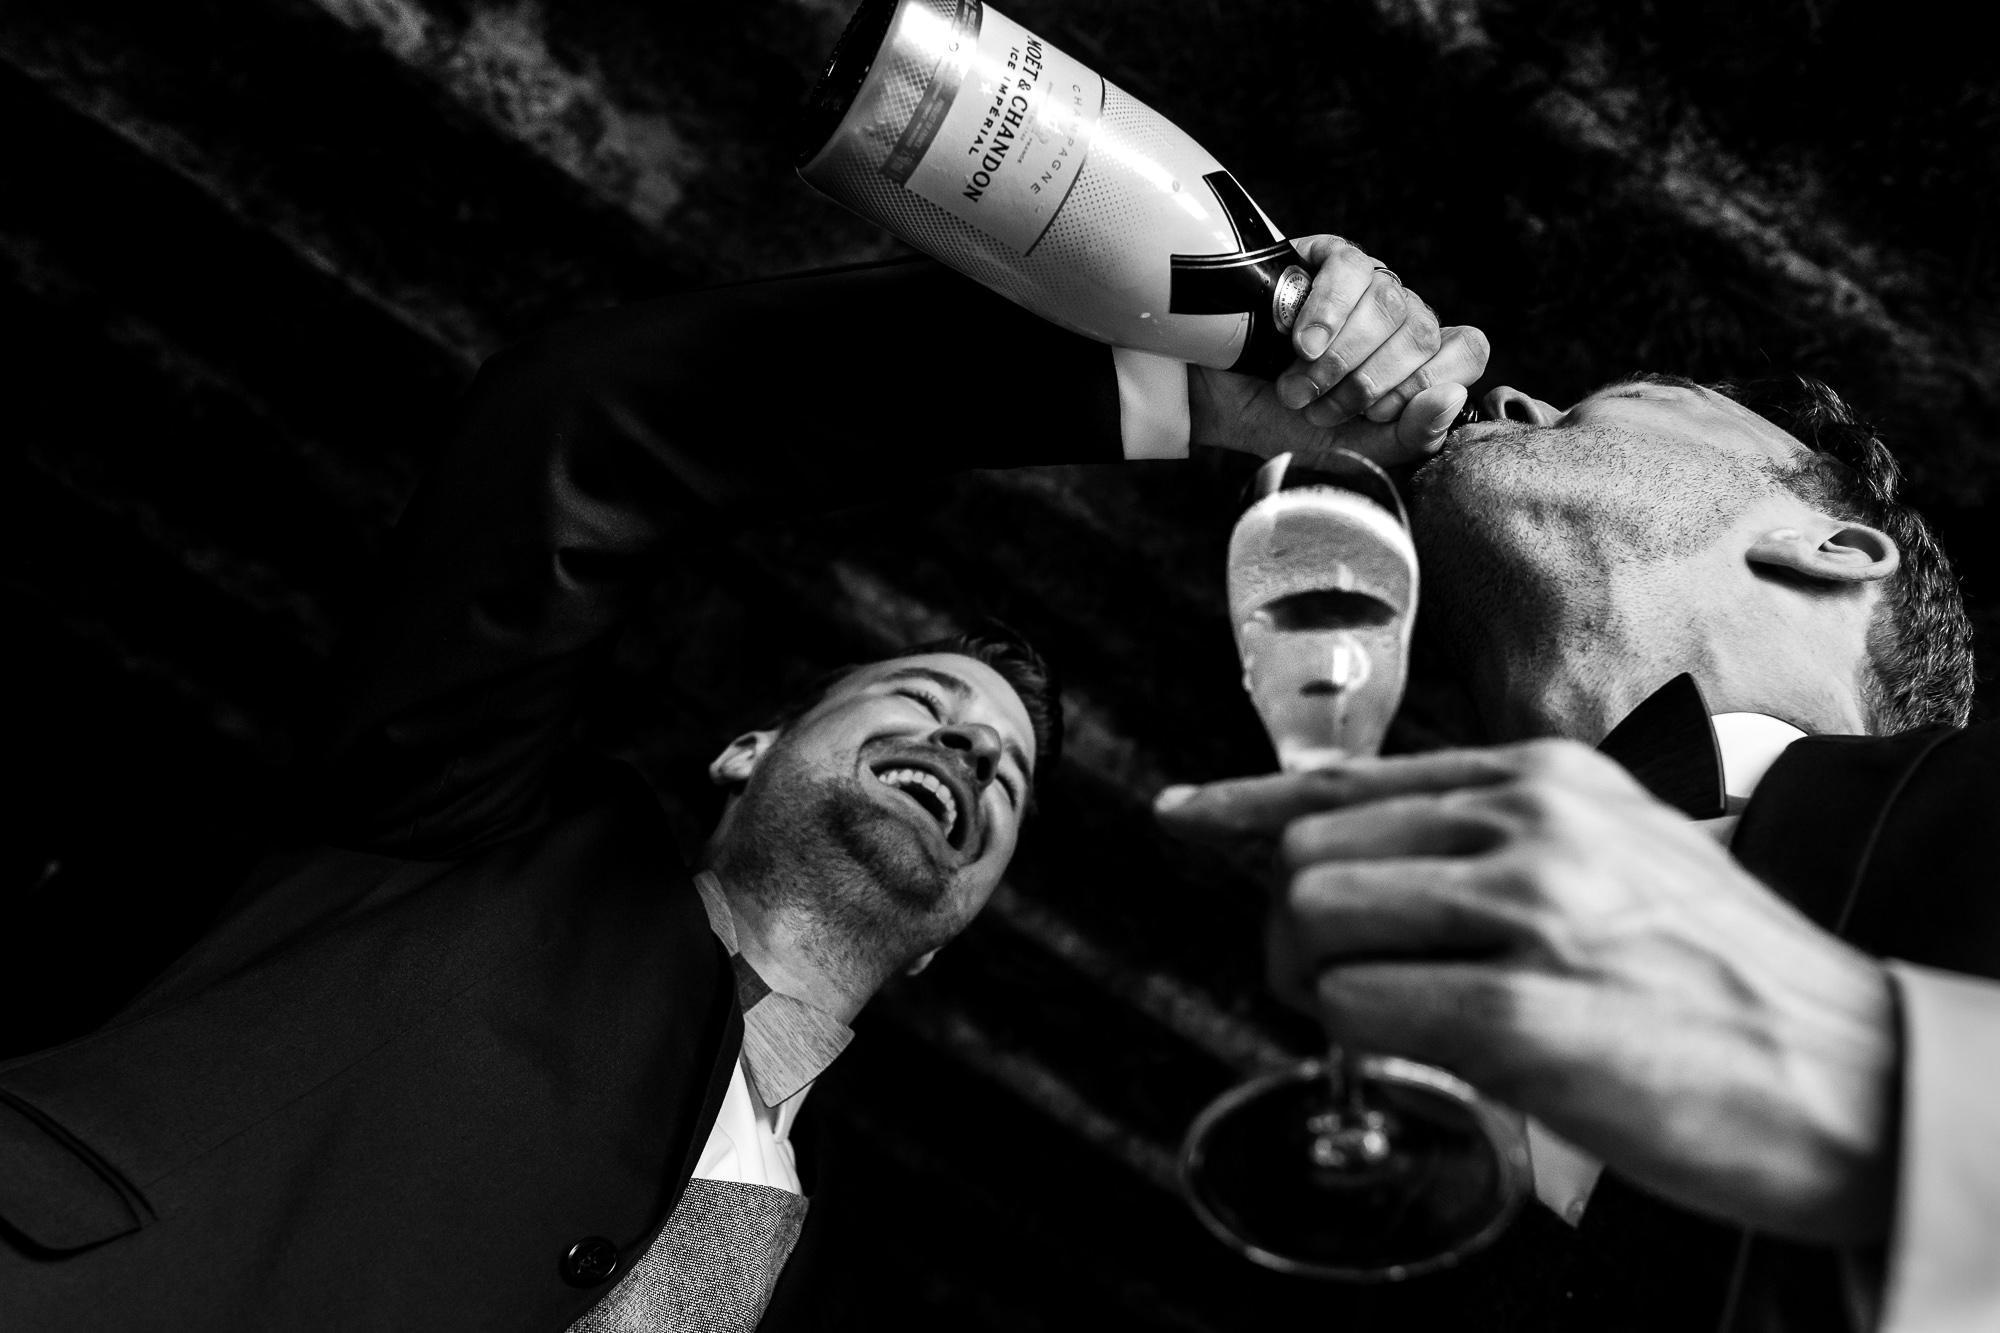 Bruidegom schenkt champagne vanuit de fles bij zijn aanstaande